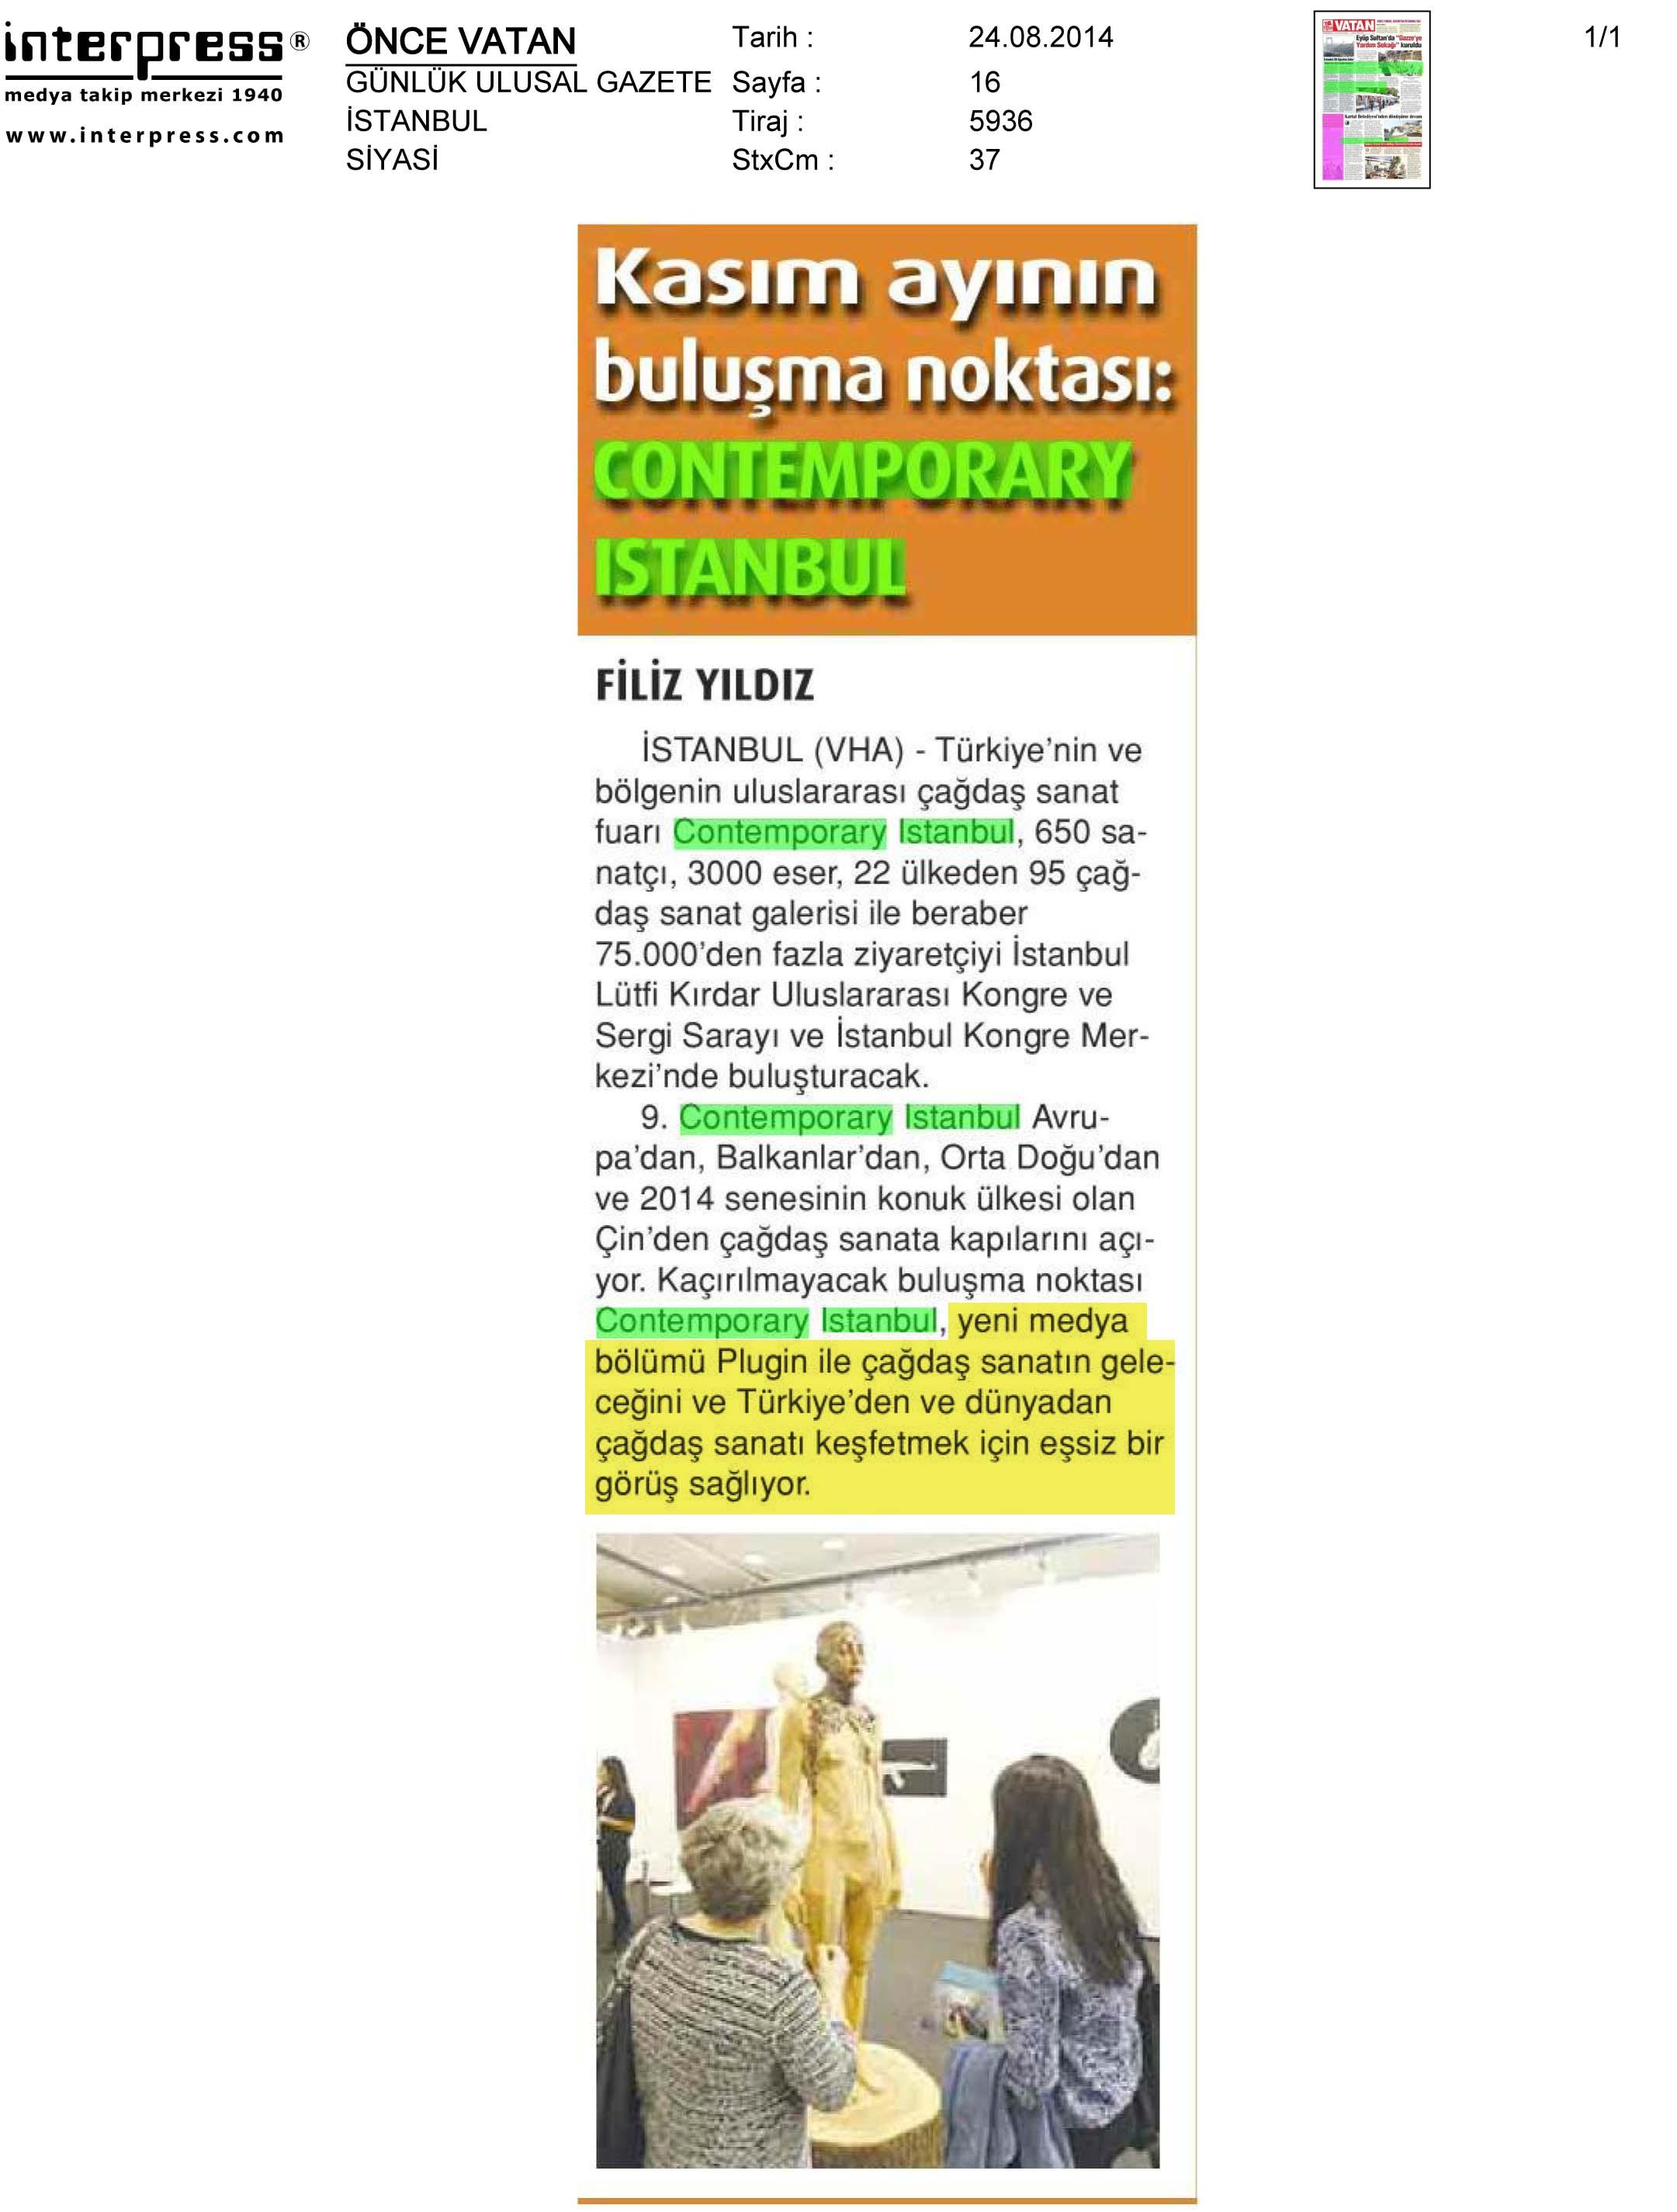 Önce Vatan - Günlük Ulusal Gazete 24-08.jpg